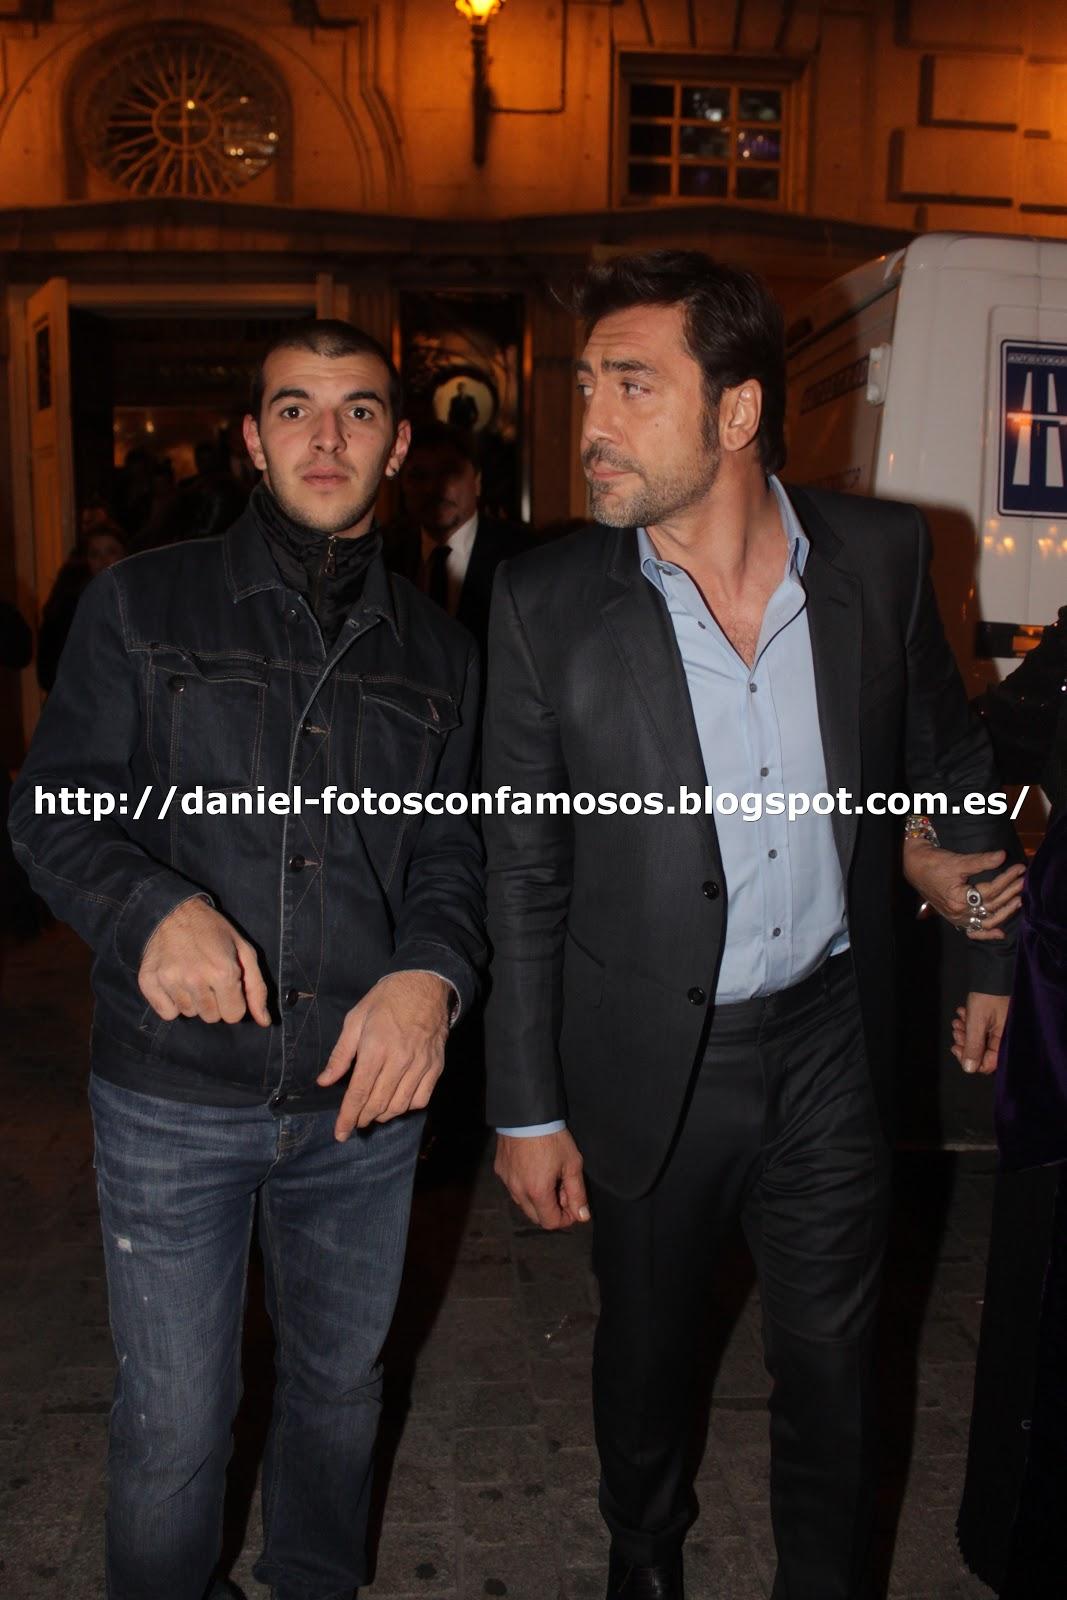 ¿Cuánto mide Dani Fotos? (Danifotos) Javier+Bardem